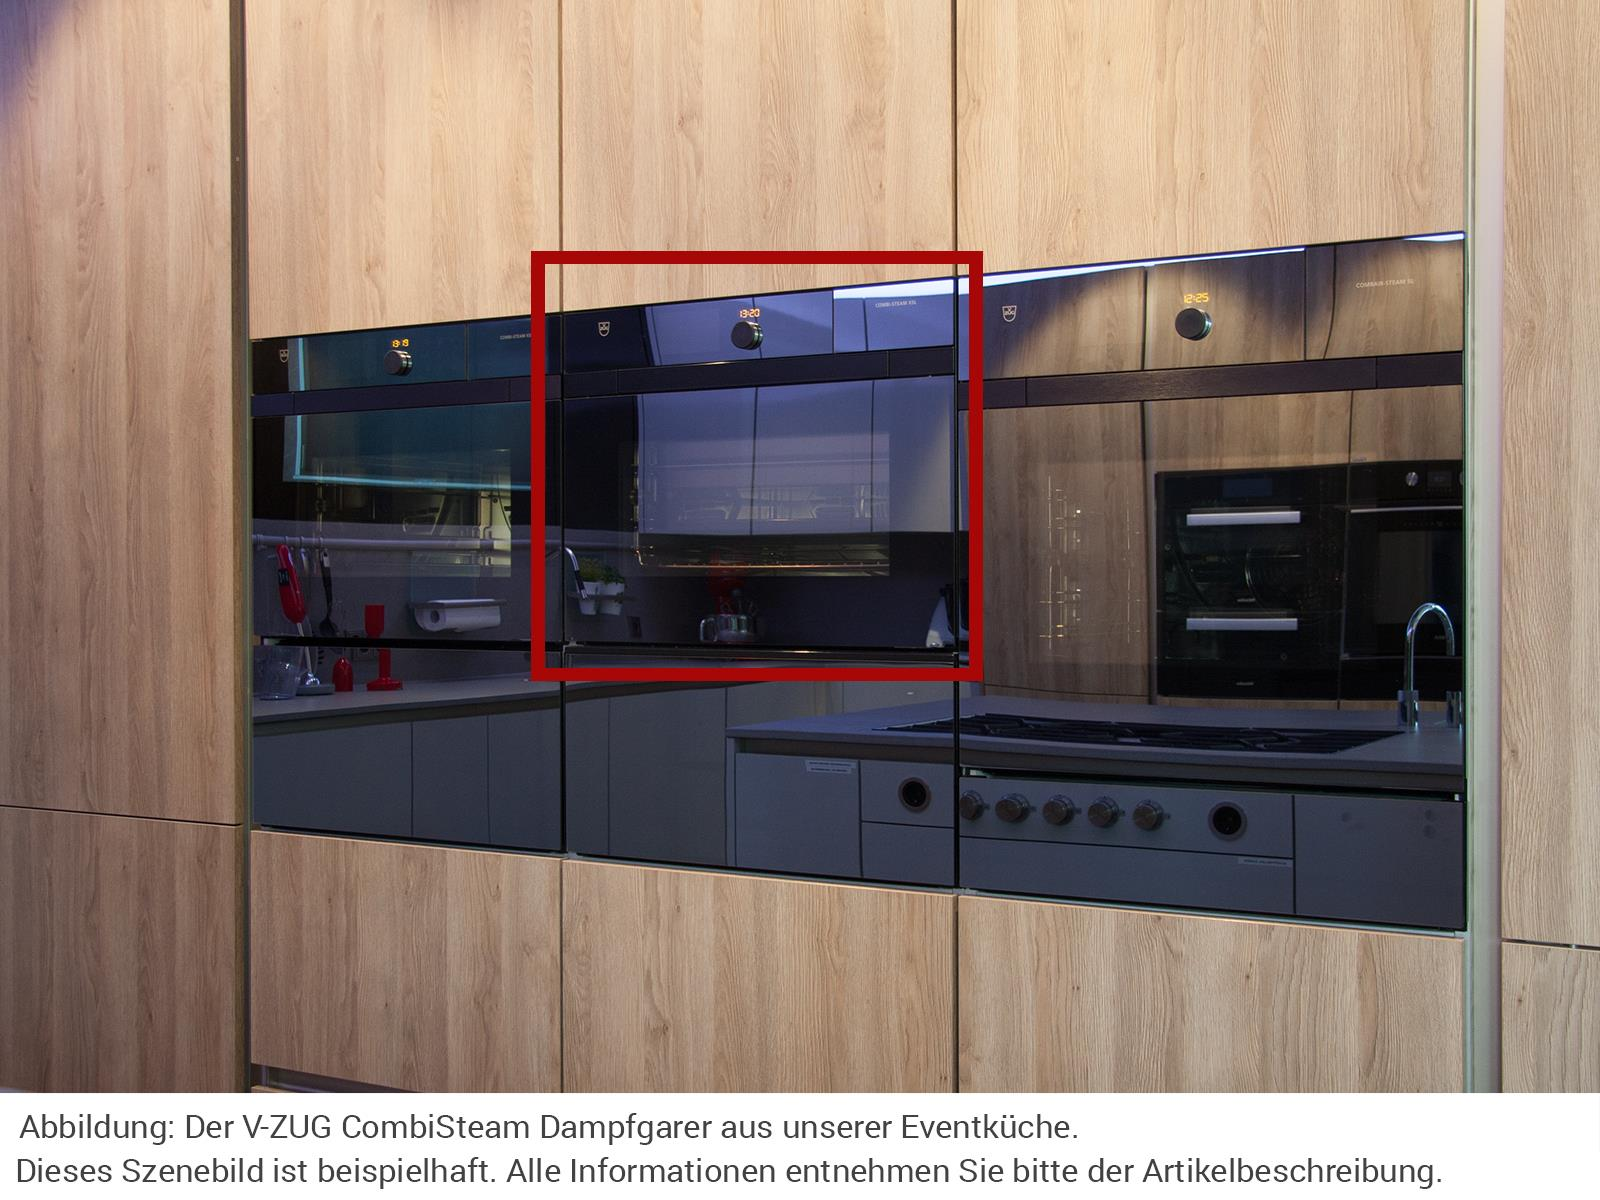 V-ZUG 2300860322 Combi-Steam XSLF Dampfgar Backofen Spiegelglas - Ausstellungsstück